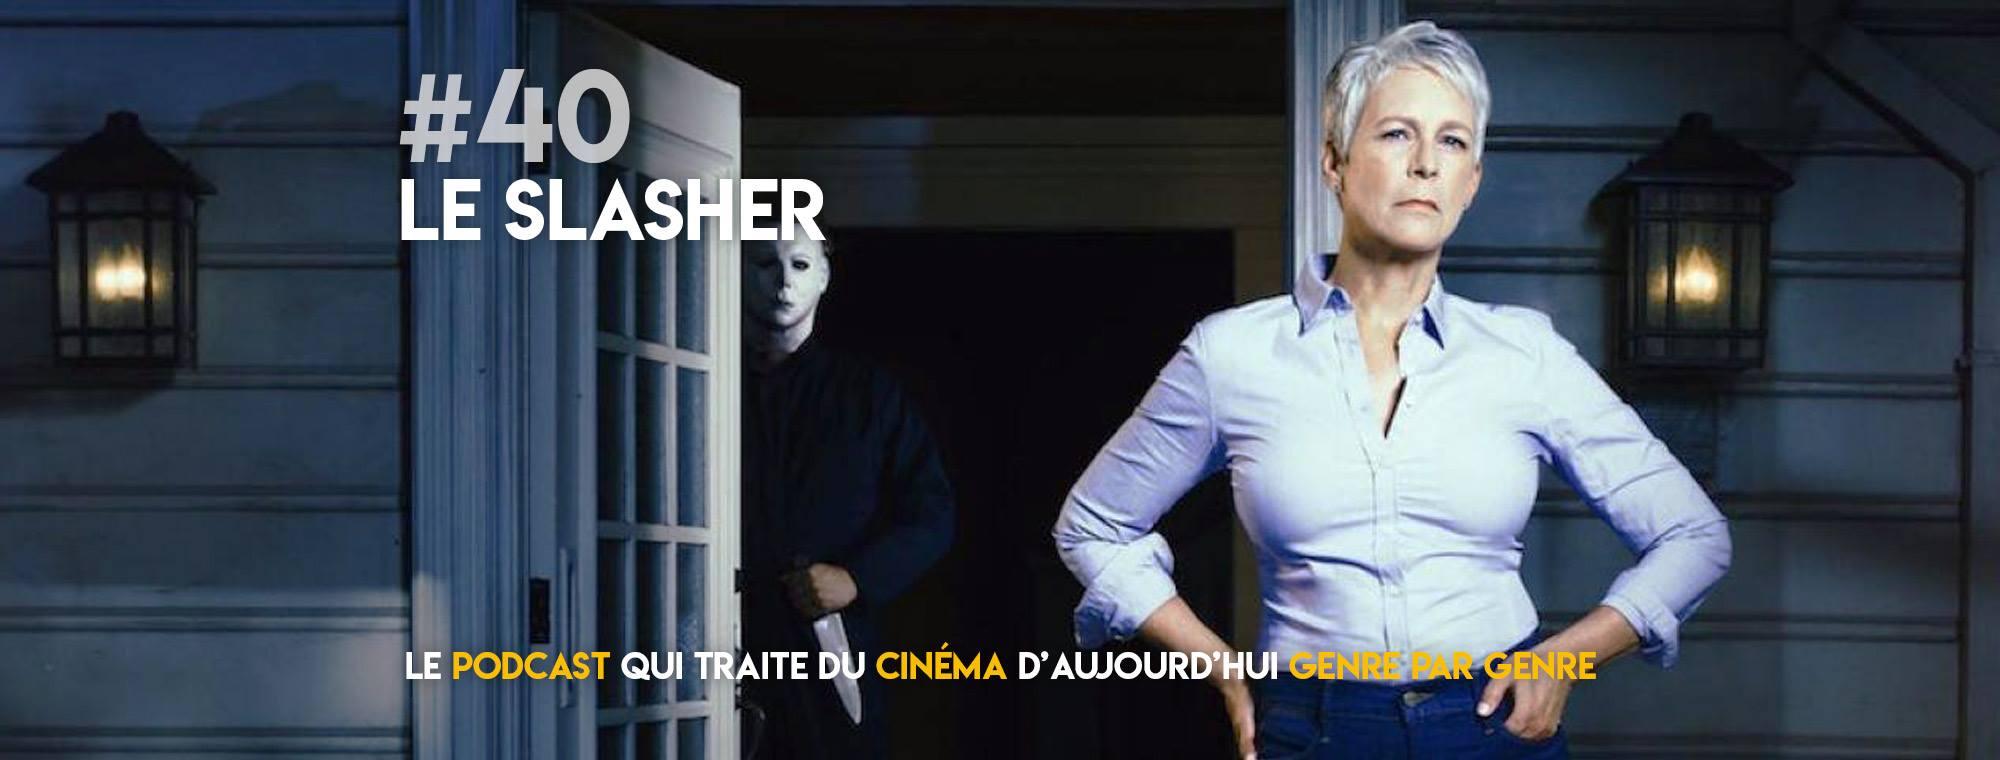 Parlons Péloches - #40 Le slasher